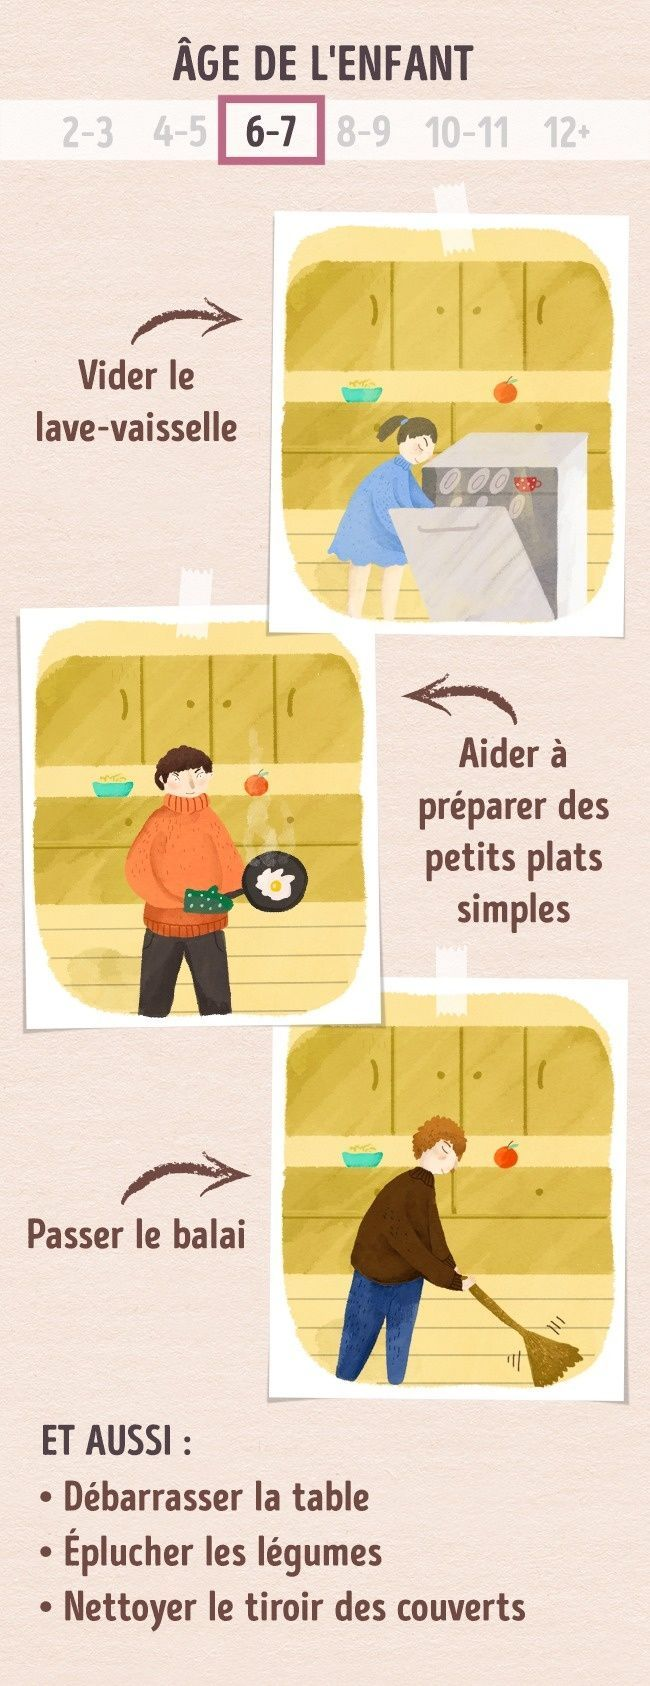 Voici les tâches que ton fils peut accomplir selon son âge, d'après la méthode Montessori